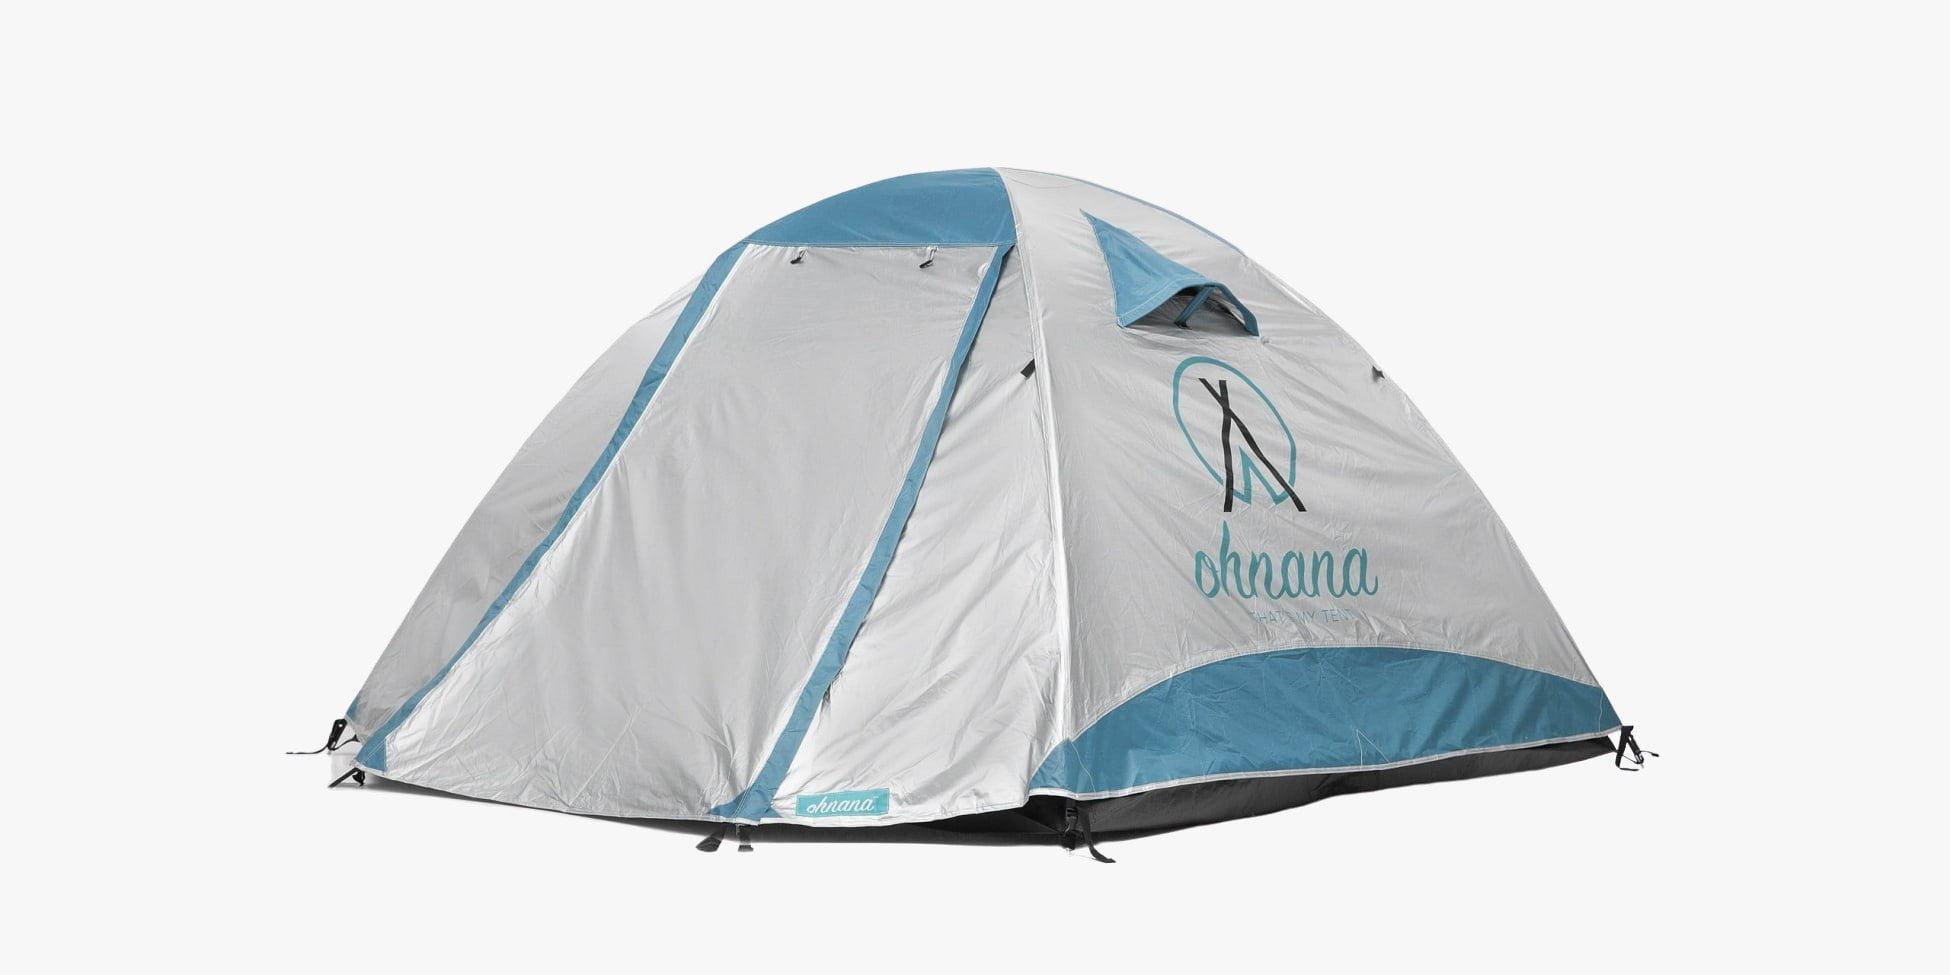 Ohnana Rayve 2 tent